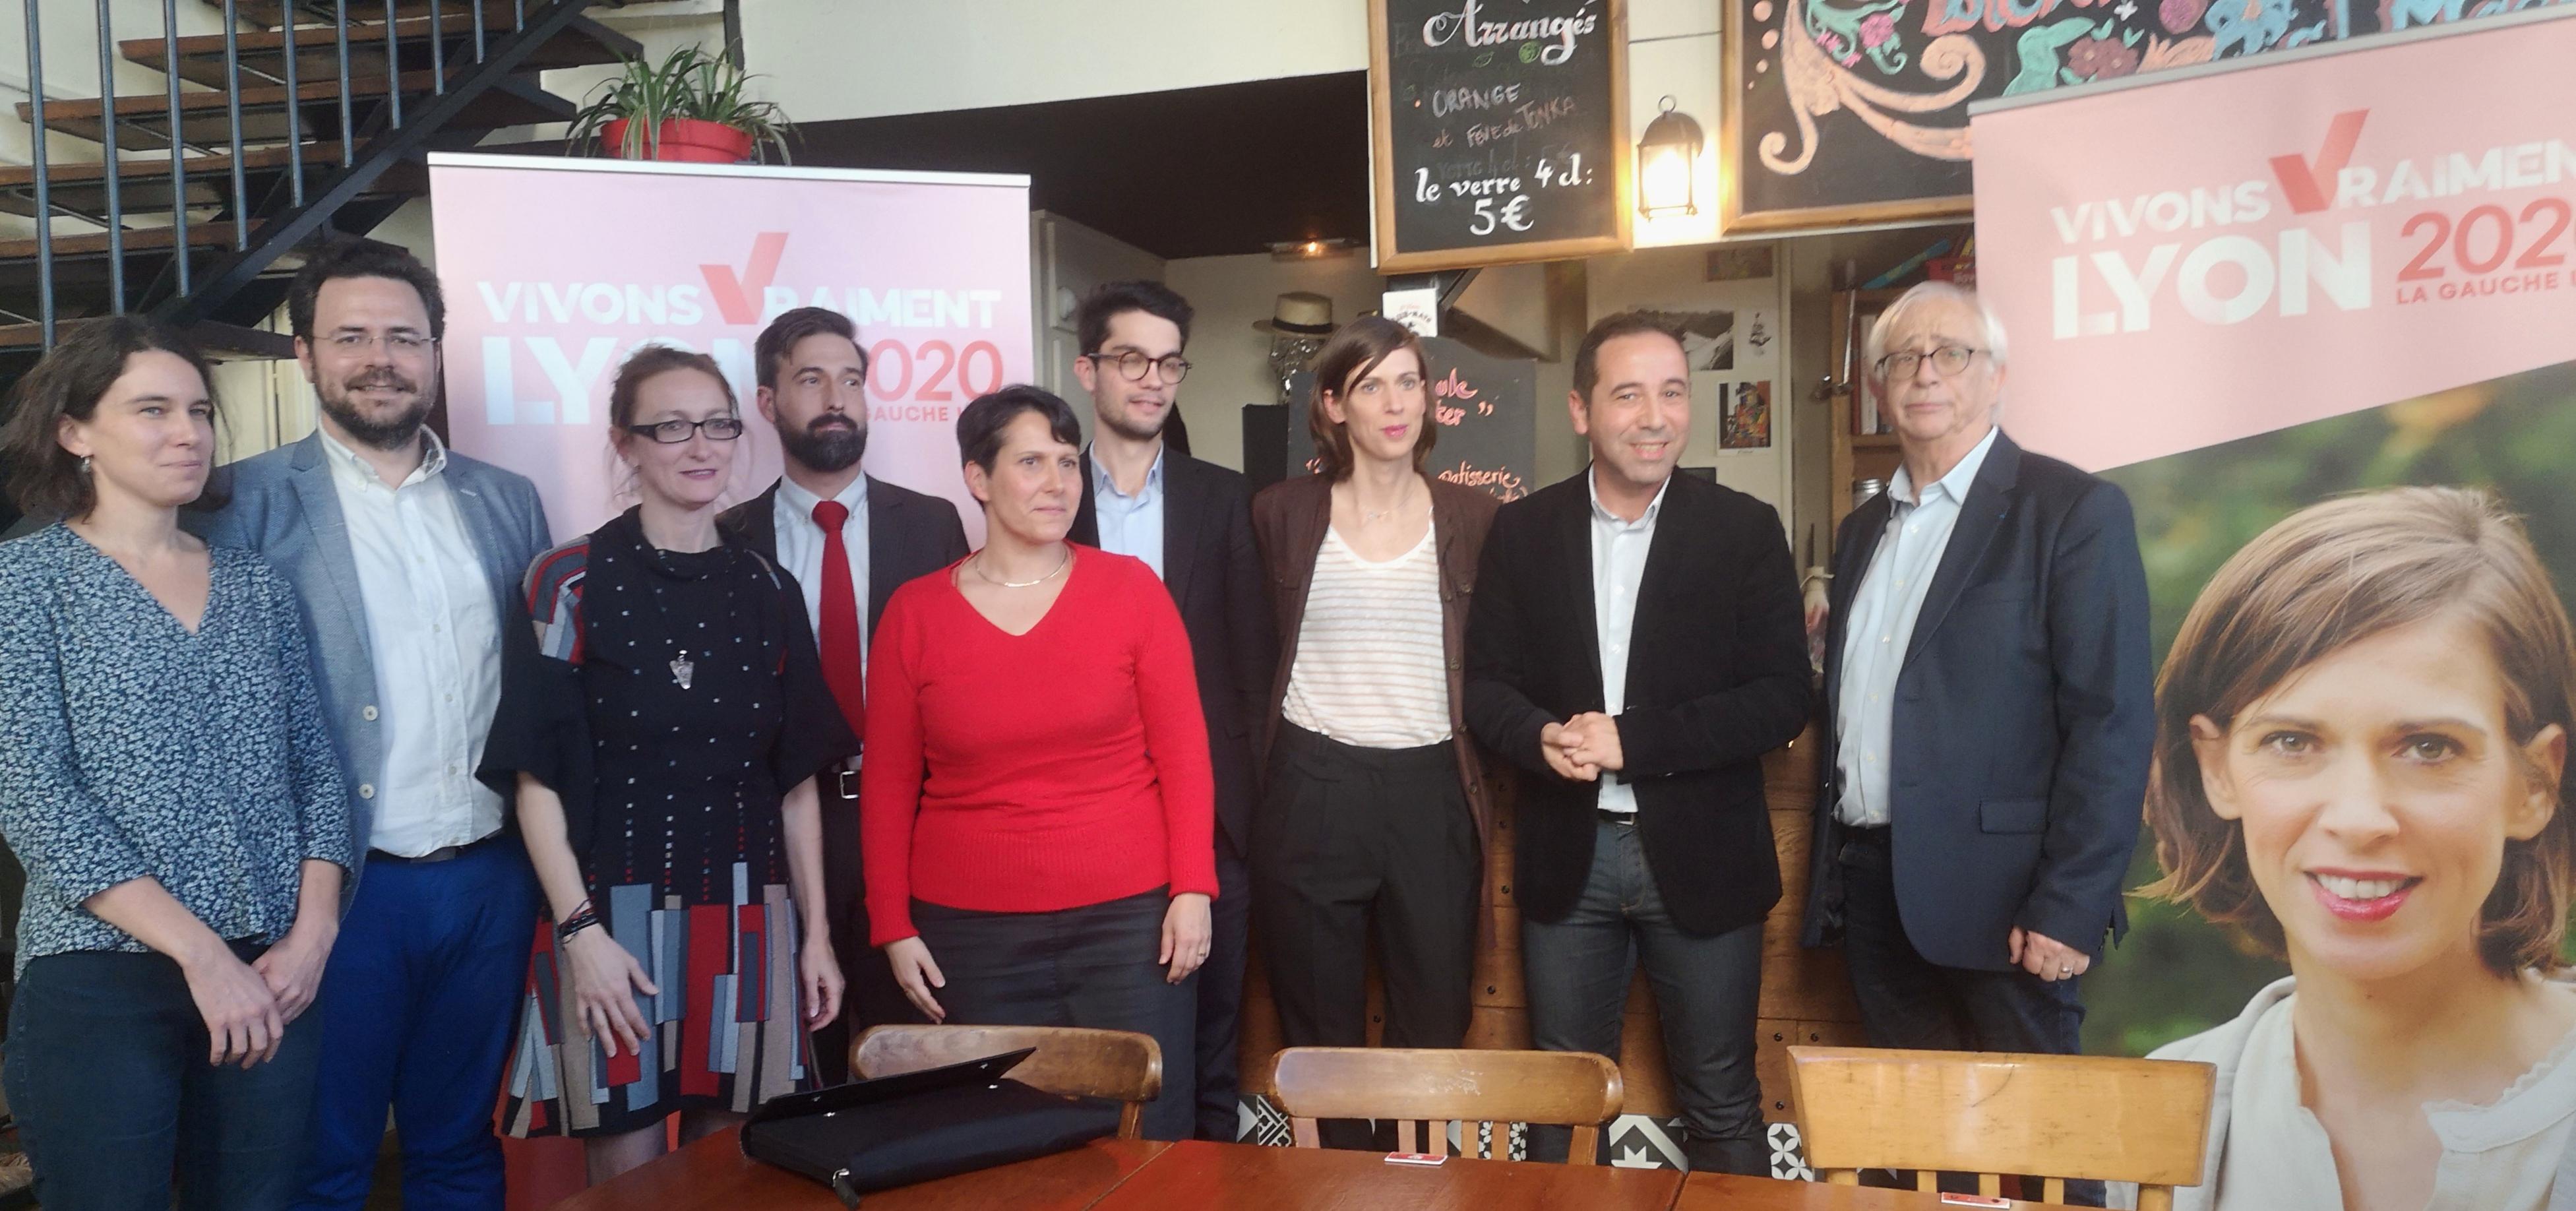 Municipales 2020 : La liste de la gauche unie « Vivons vraiment Lyon » présente ses candidats